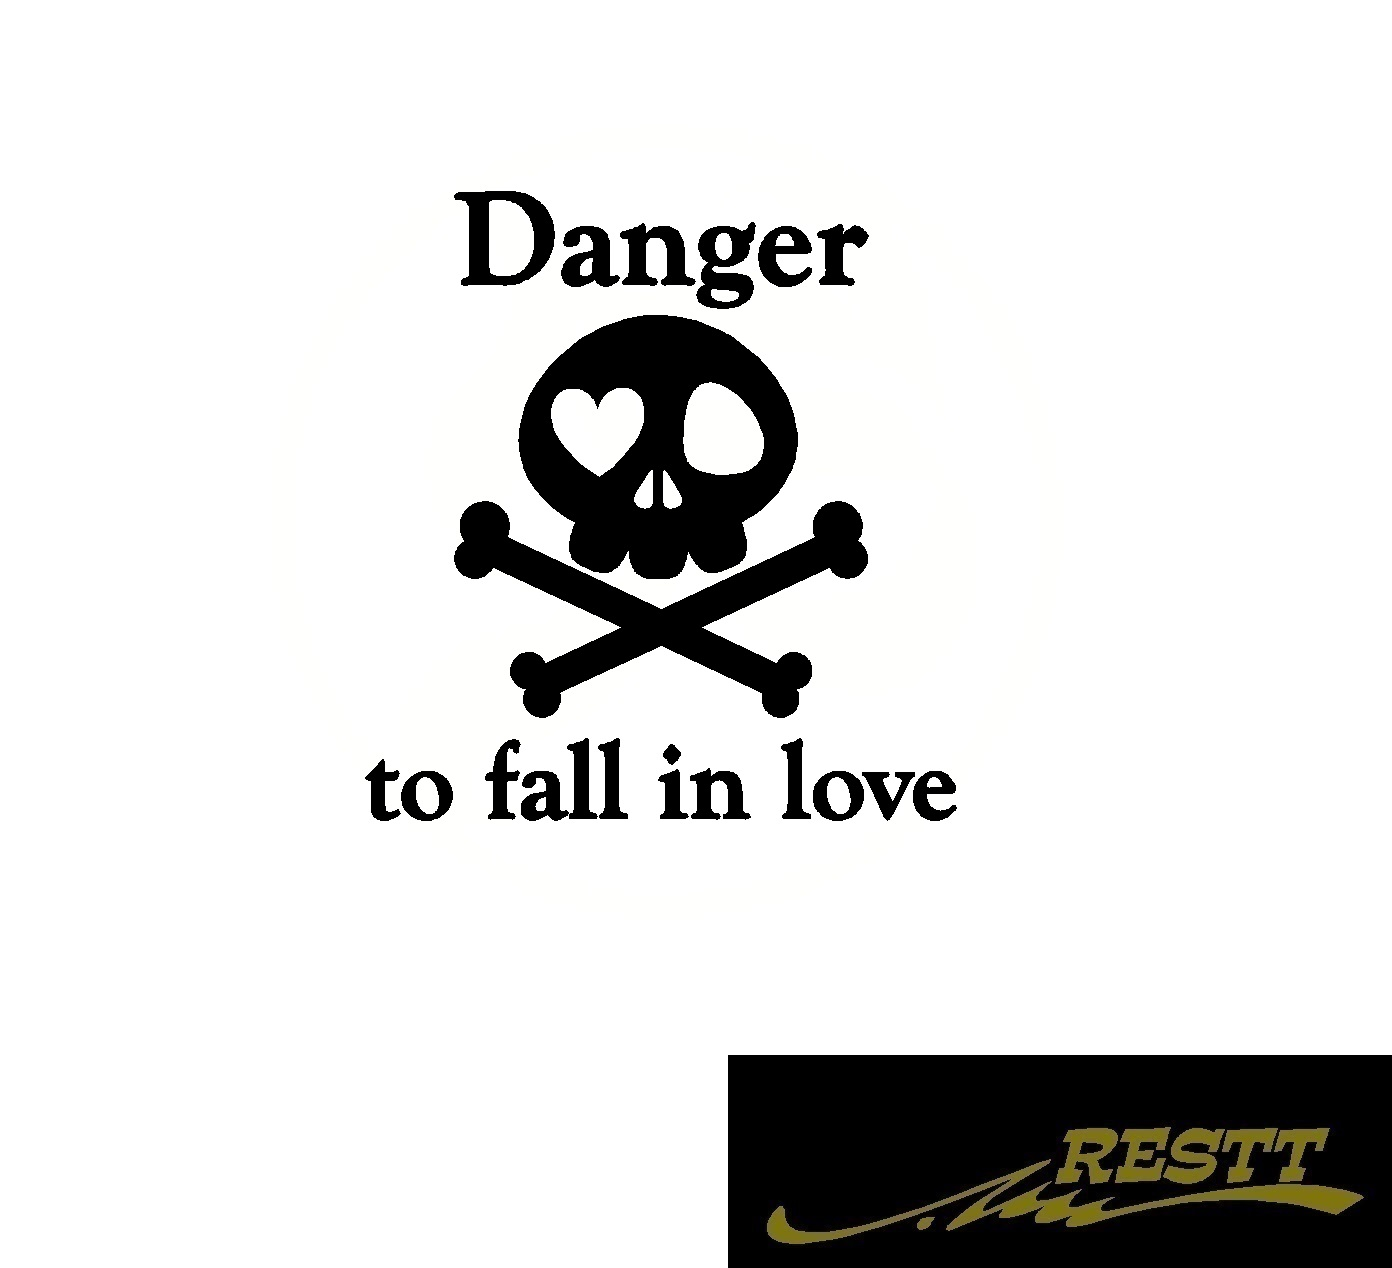 豊富なカラー20色から作成ドレスアップ ステッカー ドクロ Danger to fall 店 in love 危険 恋に落ちる ロゴ カッティングステッカー おしゃれ 営業車 大サイズ 落ちる 髑髏 トラック バン 文字 スカル 面白い 新色追加して再販 どくろ 恋